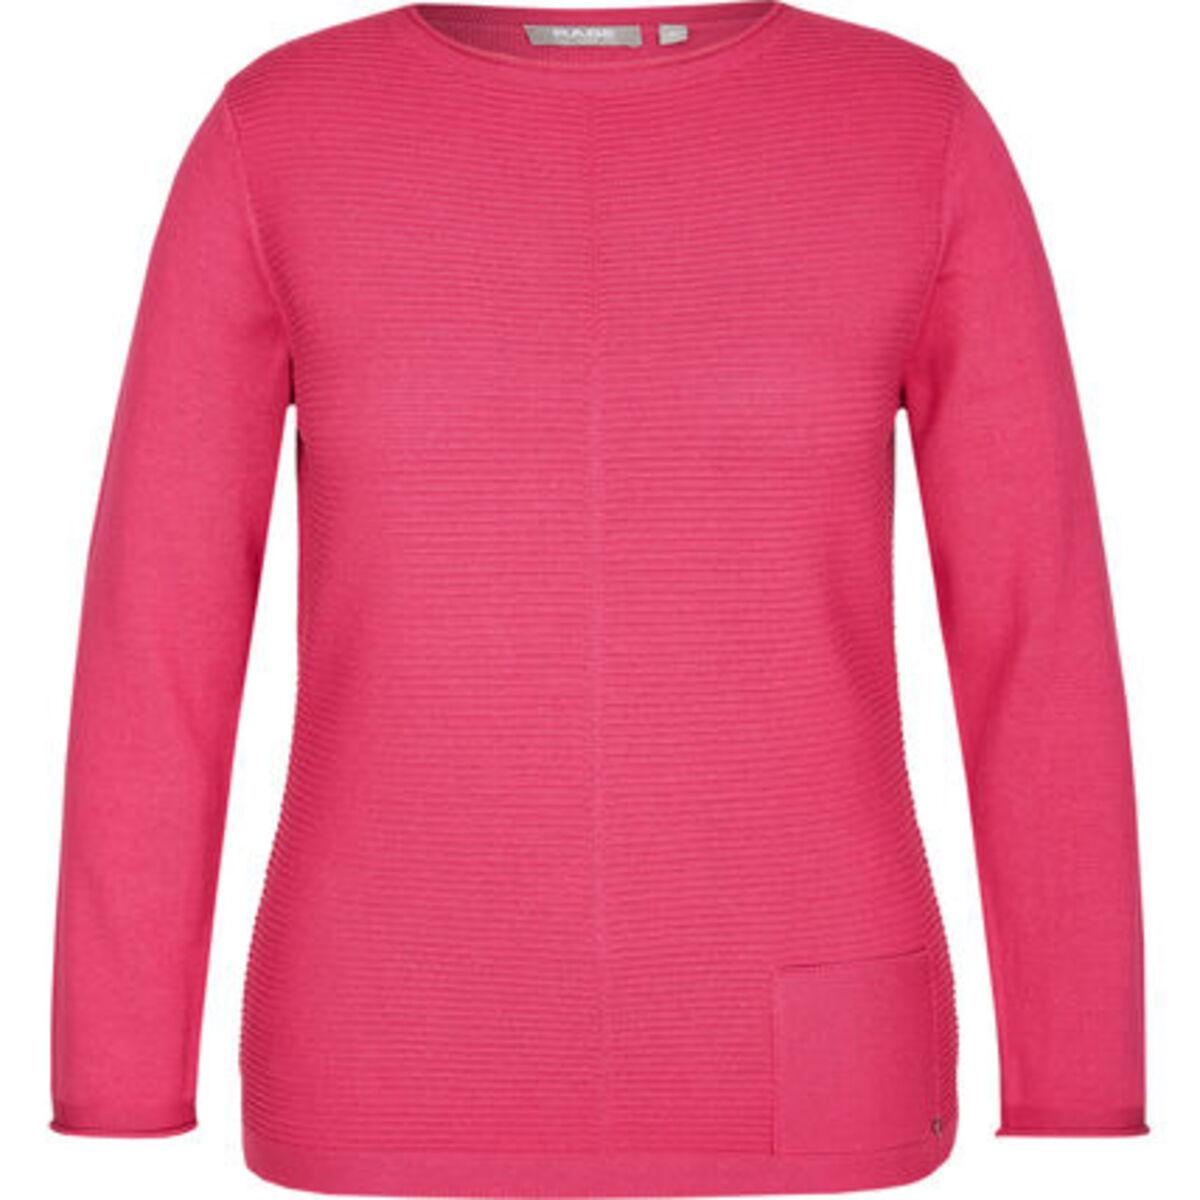 Bild 1 von Rabe Pullover, Struktur, Tasche, für Damen